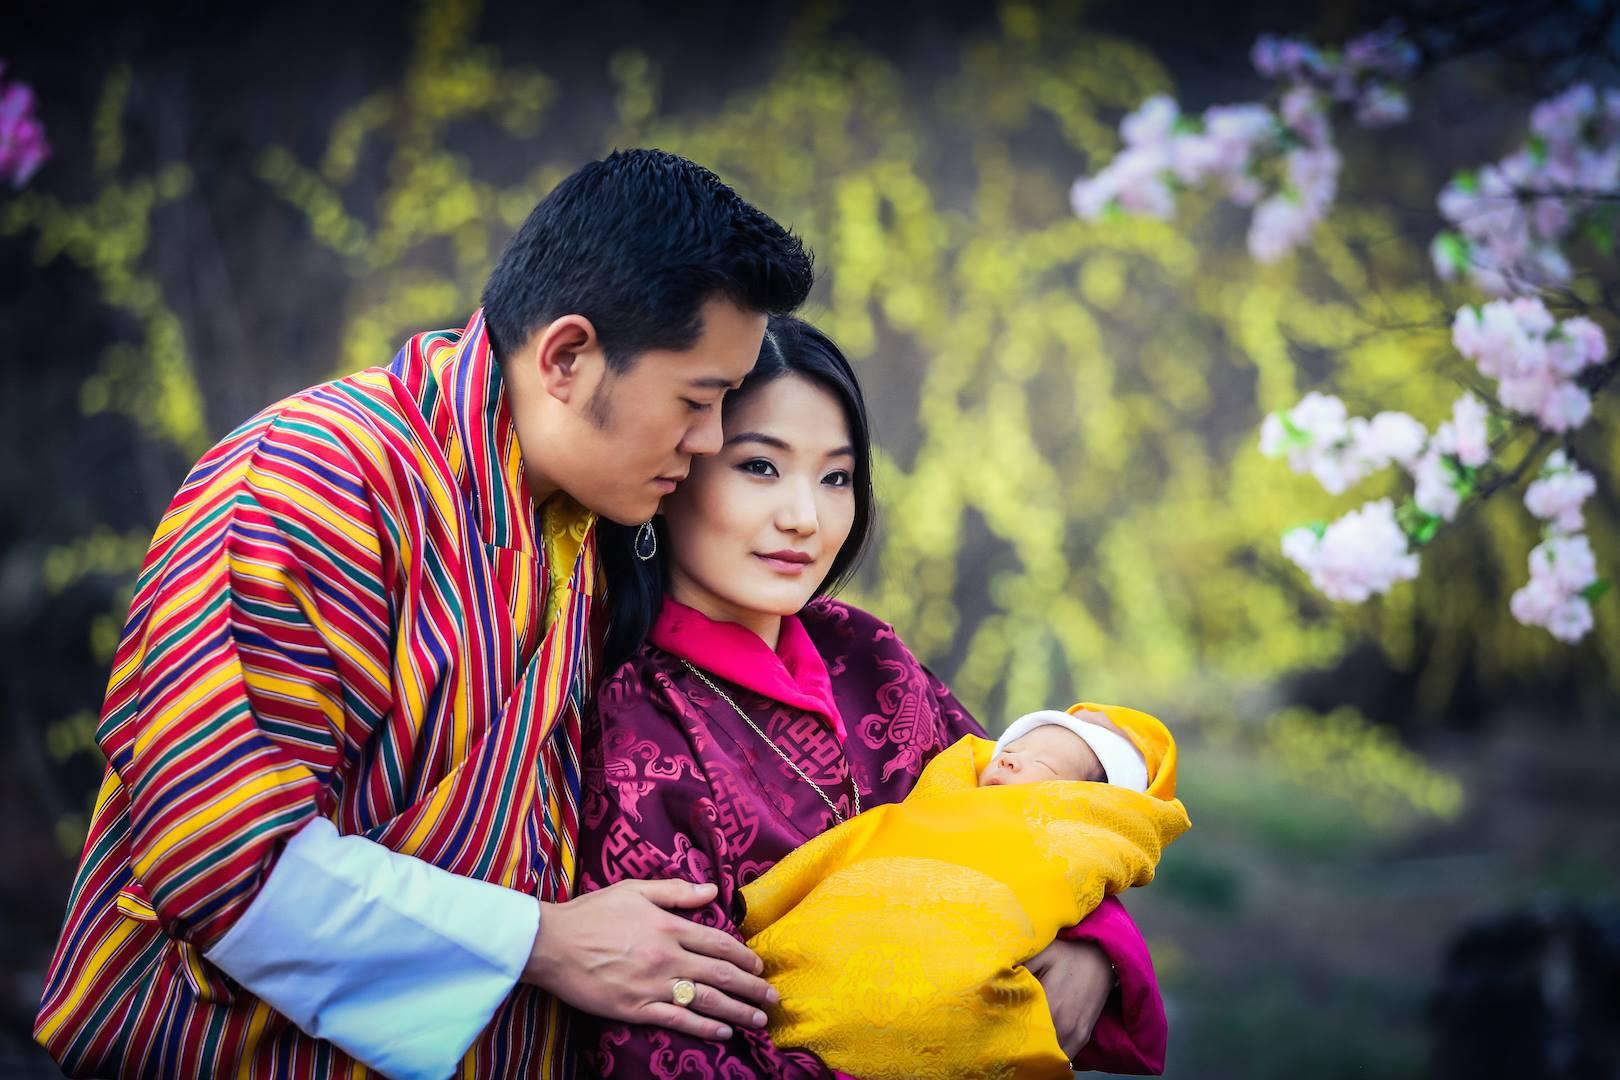 Das Drachenbaby hat ihr Glück perfekt gemacht.  Foto: Royal Office of Bhutan